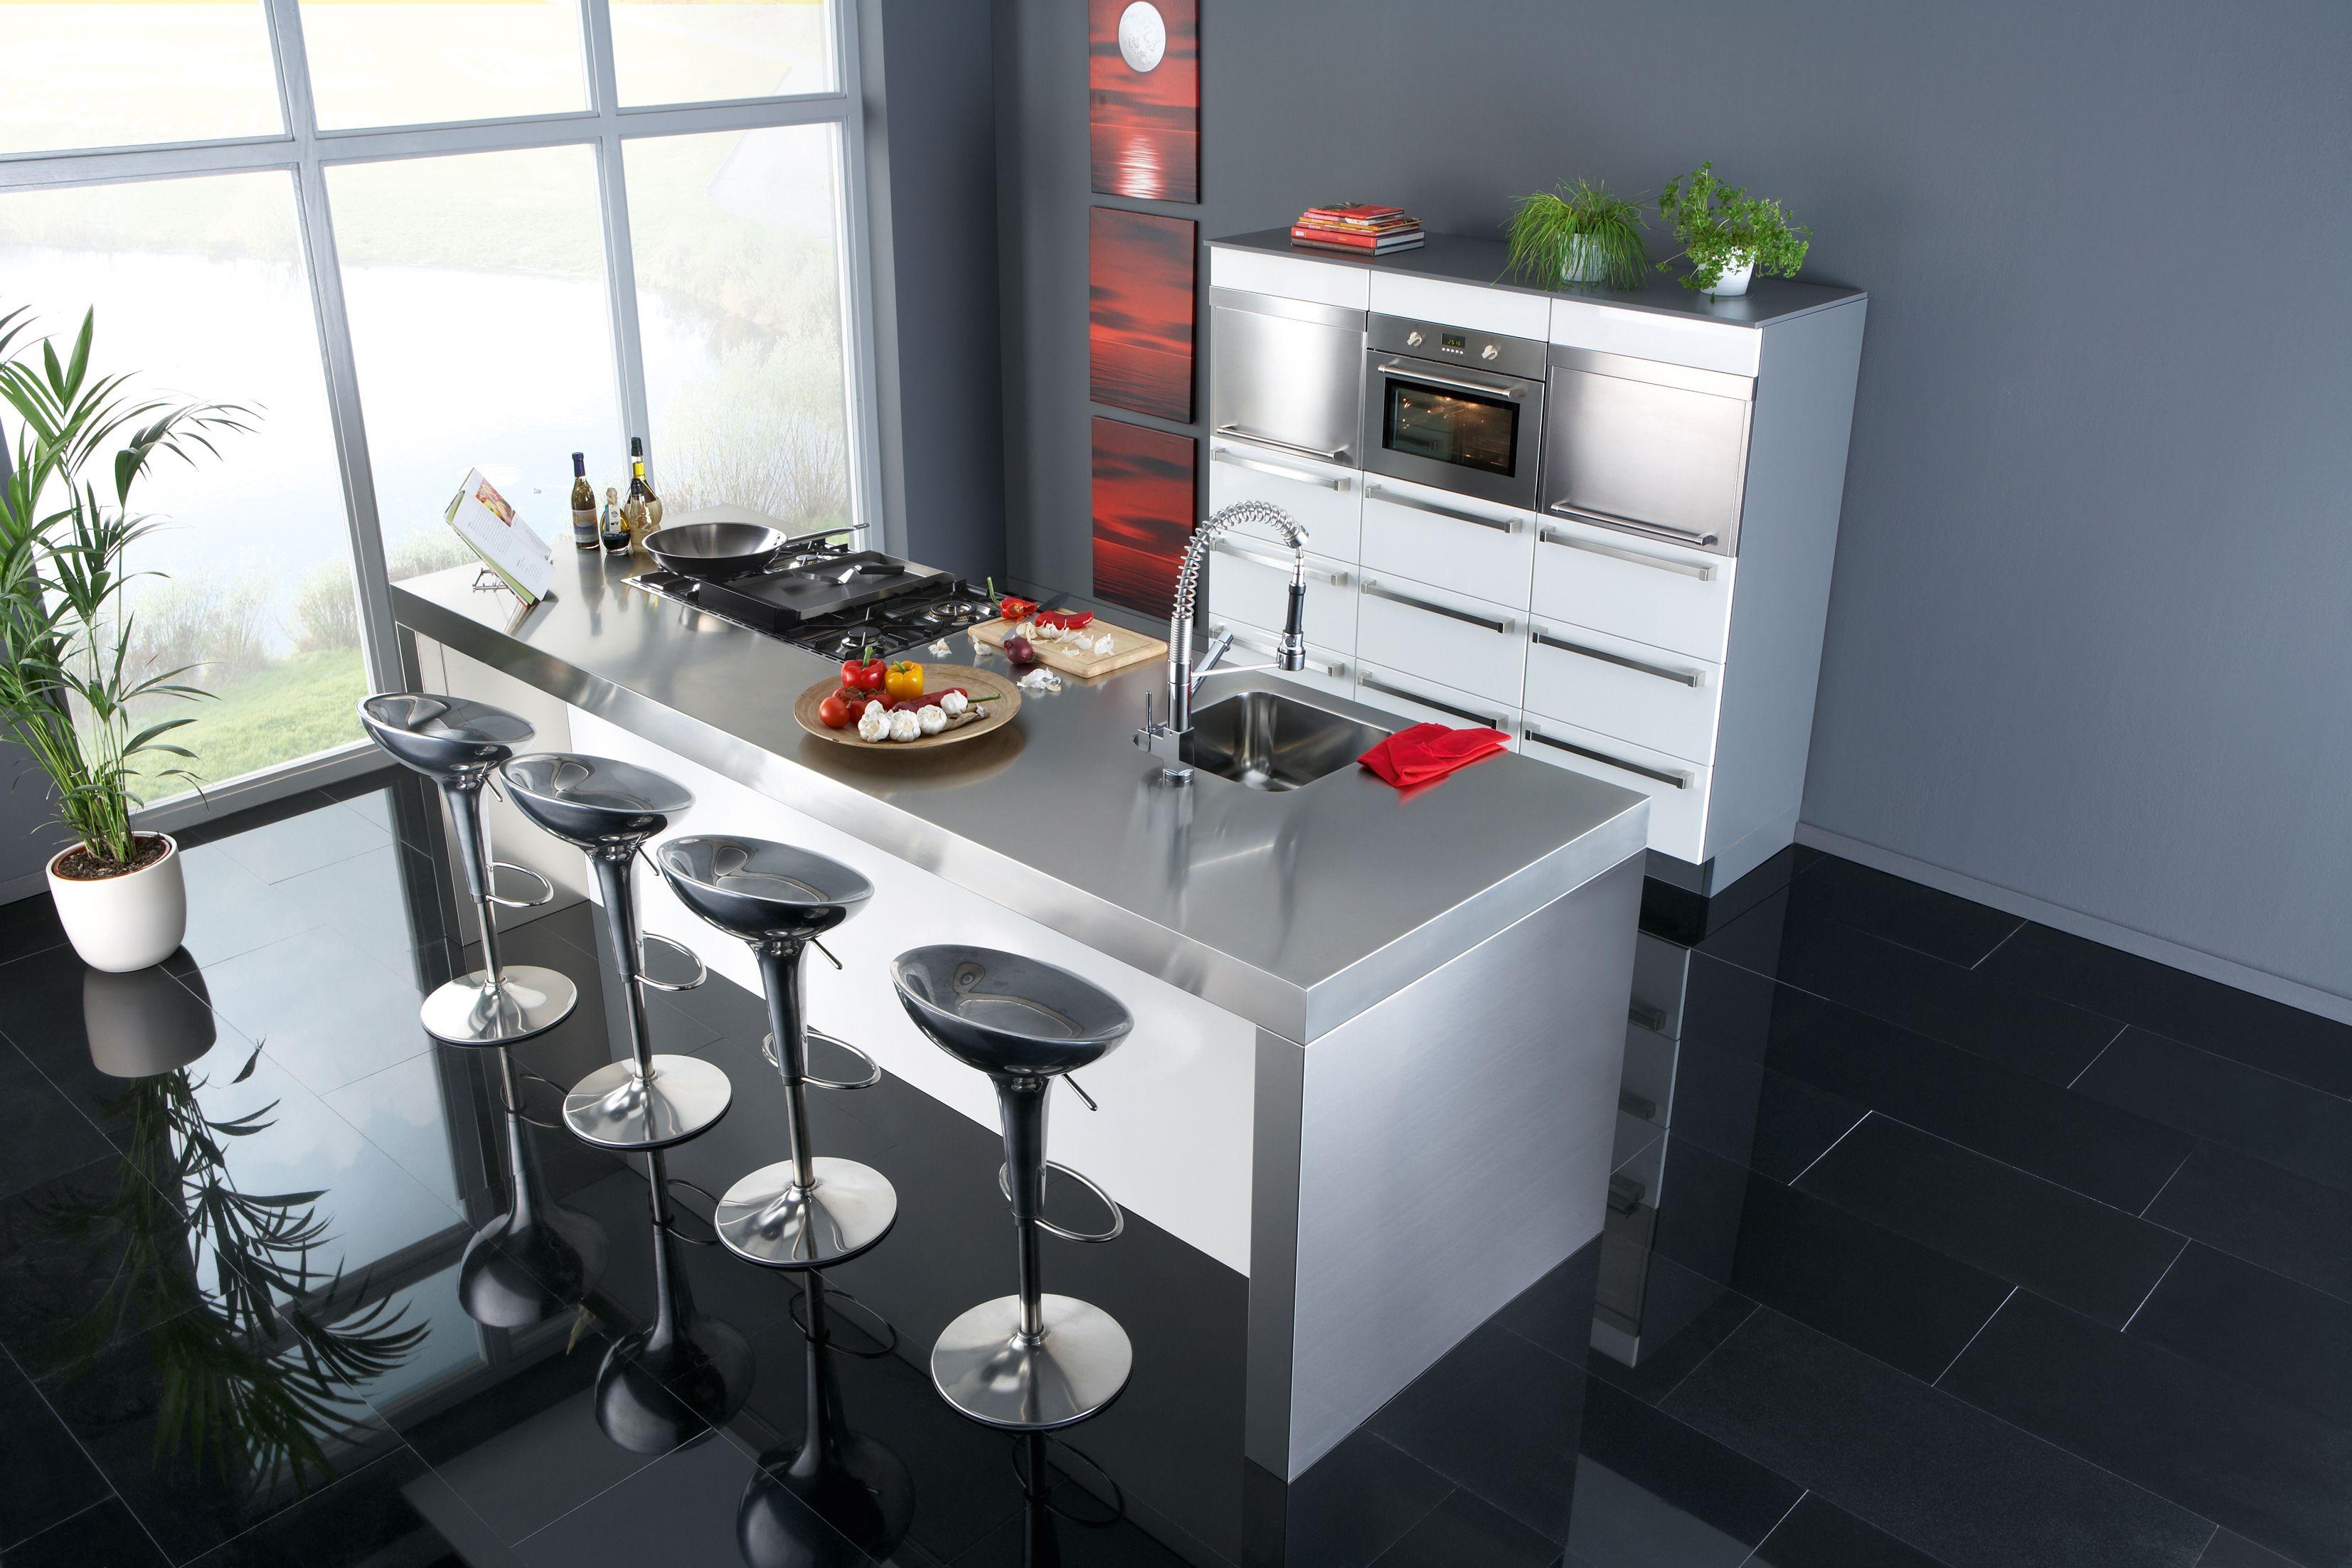 Strakke keuken uitgevoerd met inbouw apparatuur van m system